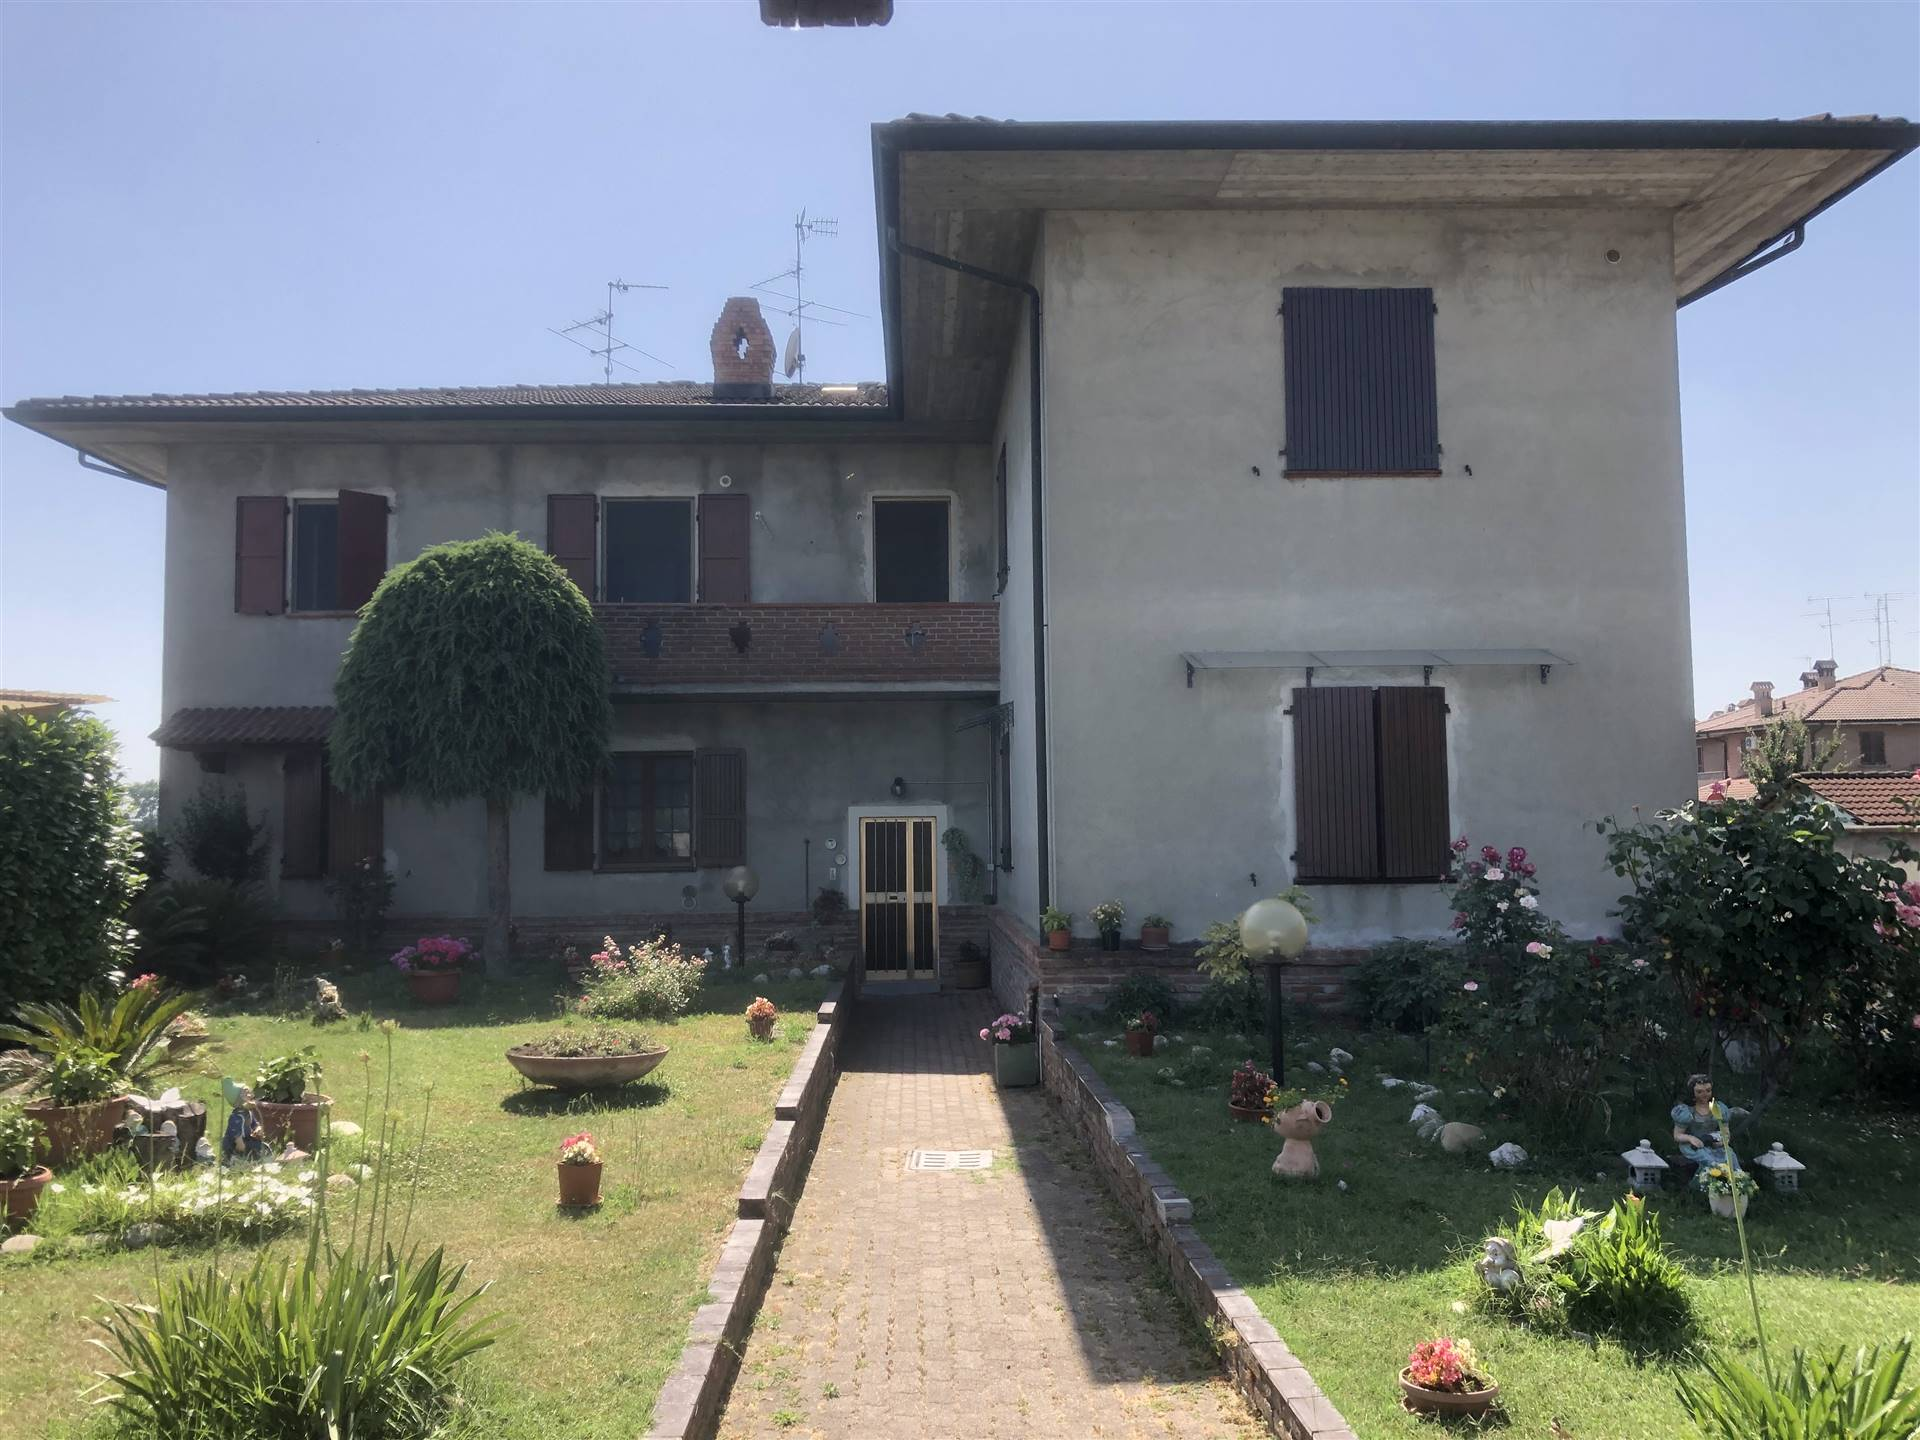 Appartamento in vendita a Borghetto Lodigiano, 3 locali, prezzo € 98.000 | CambioCasa.it